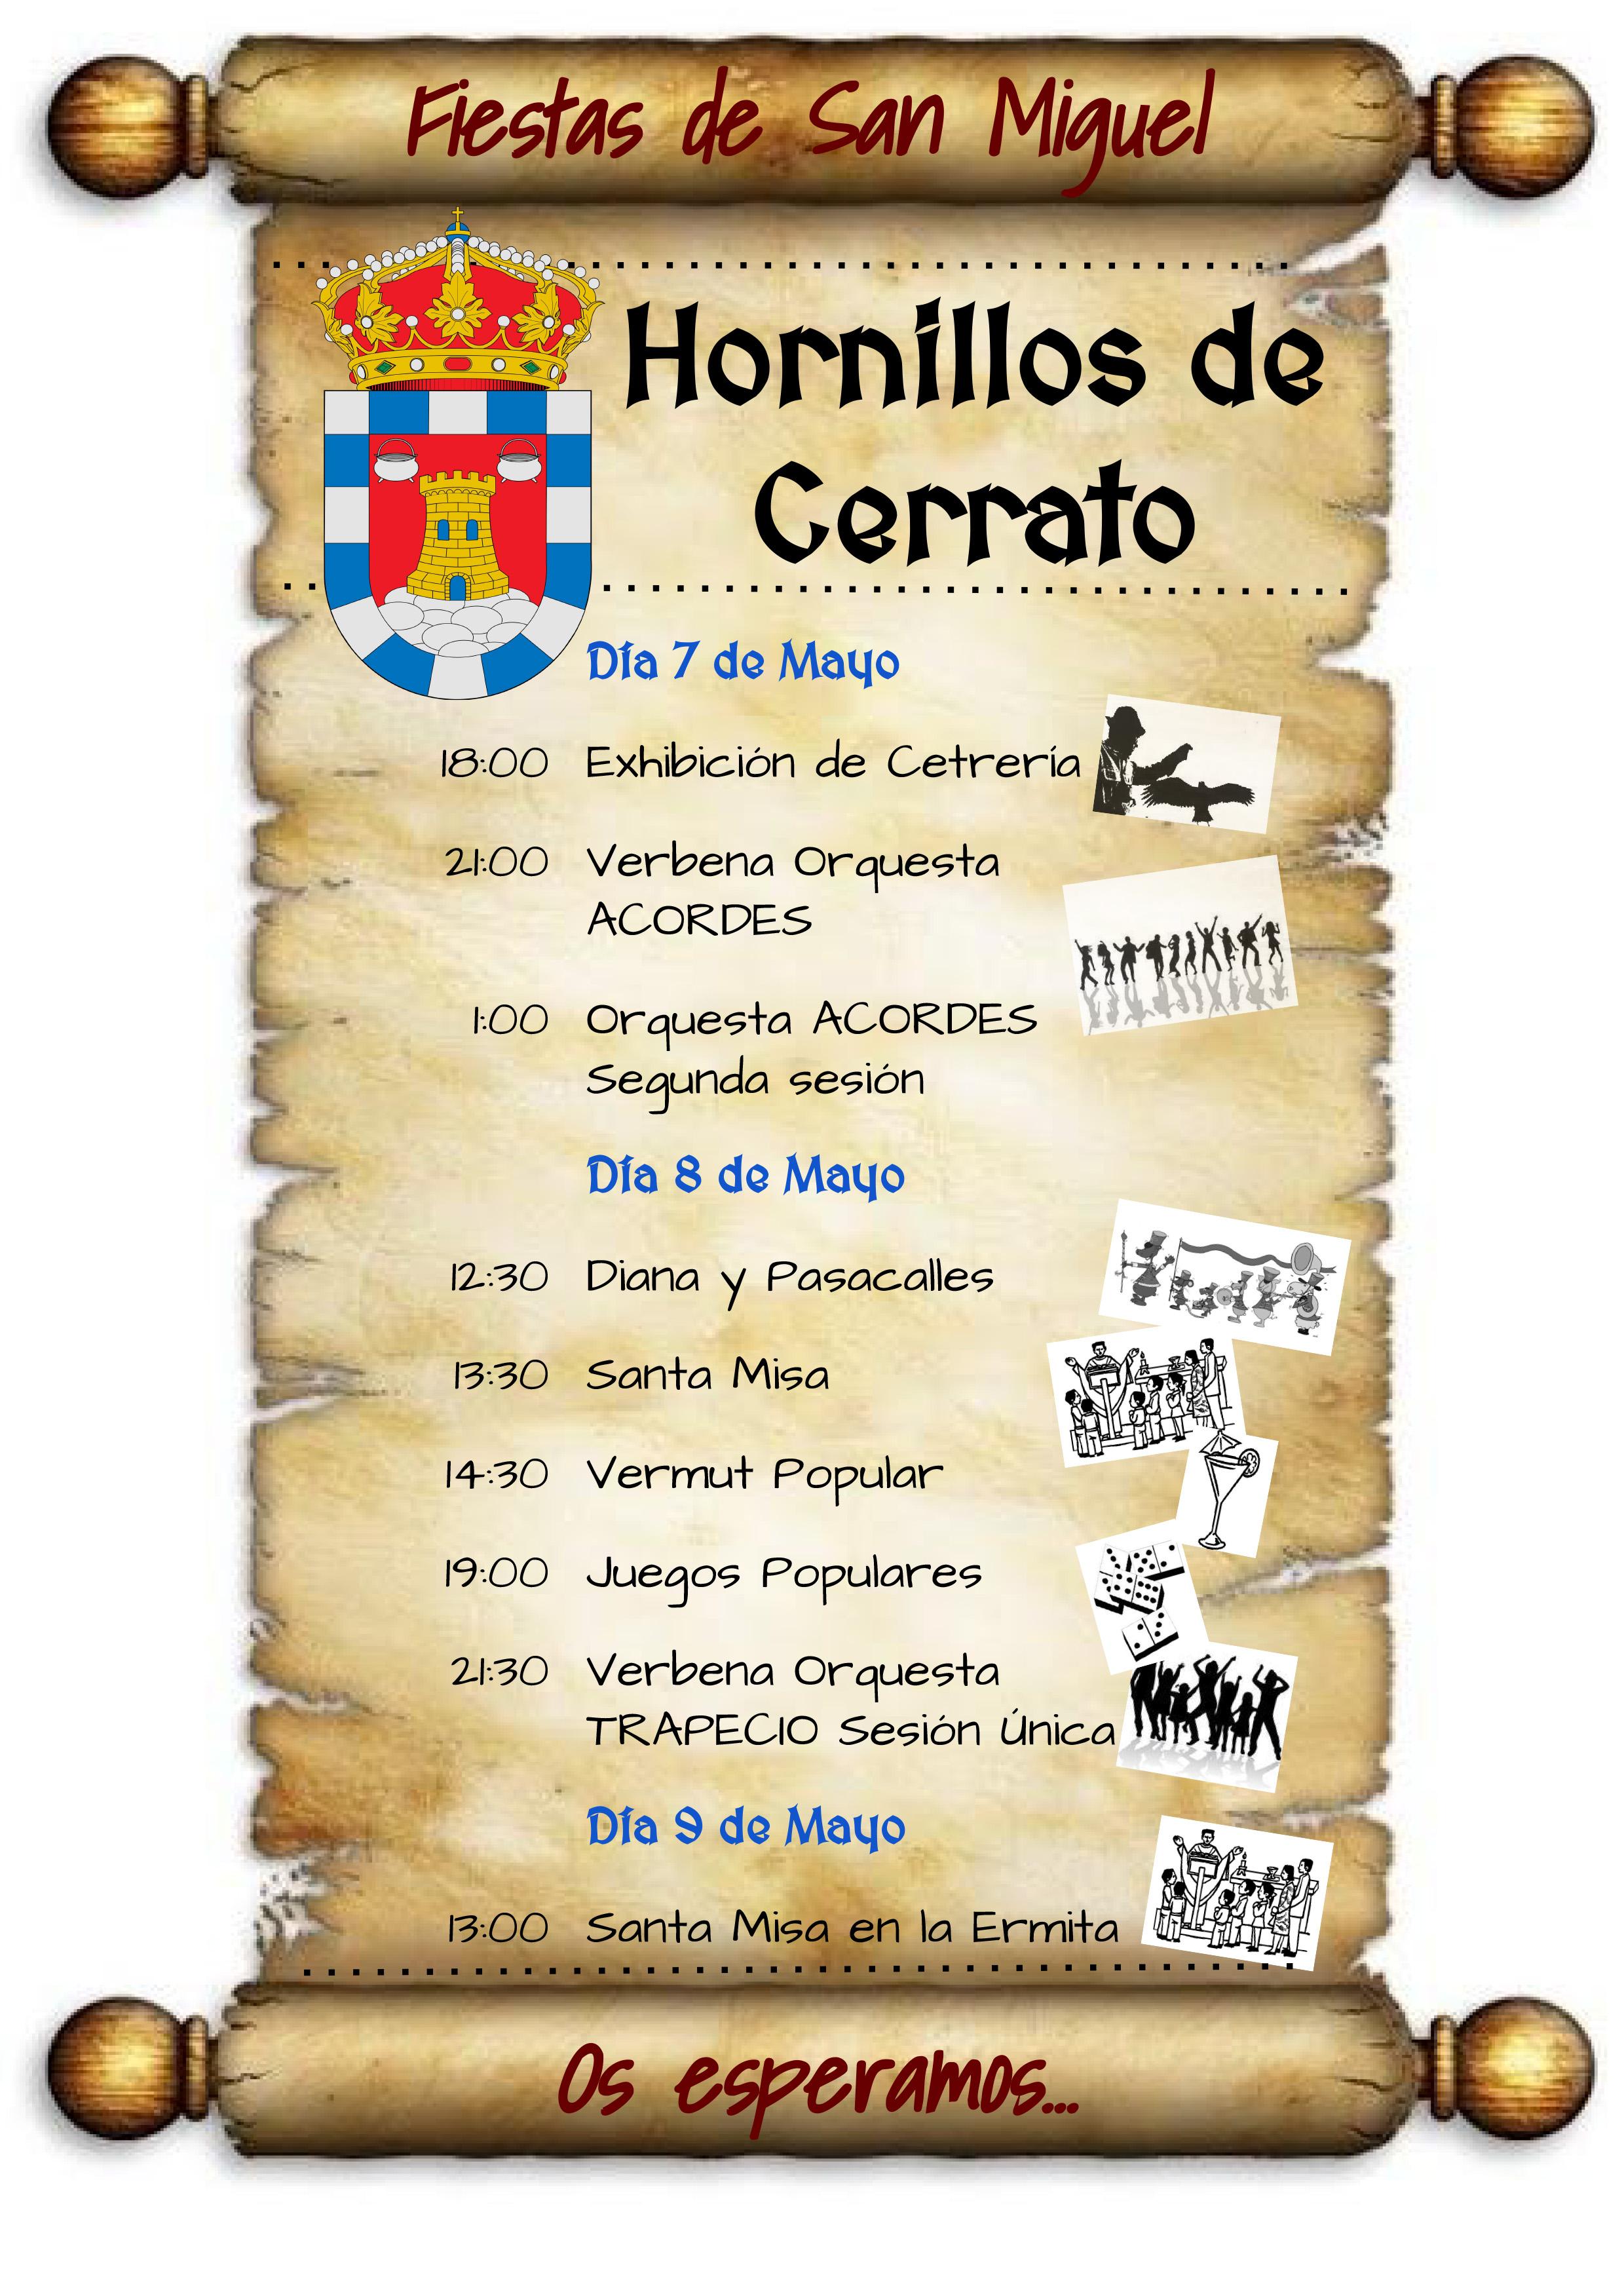 Fiestas de San Miguel 2016